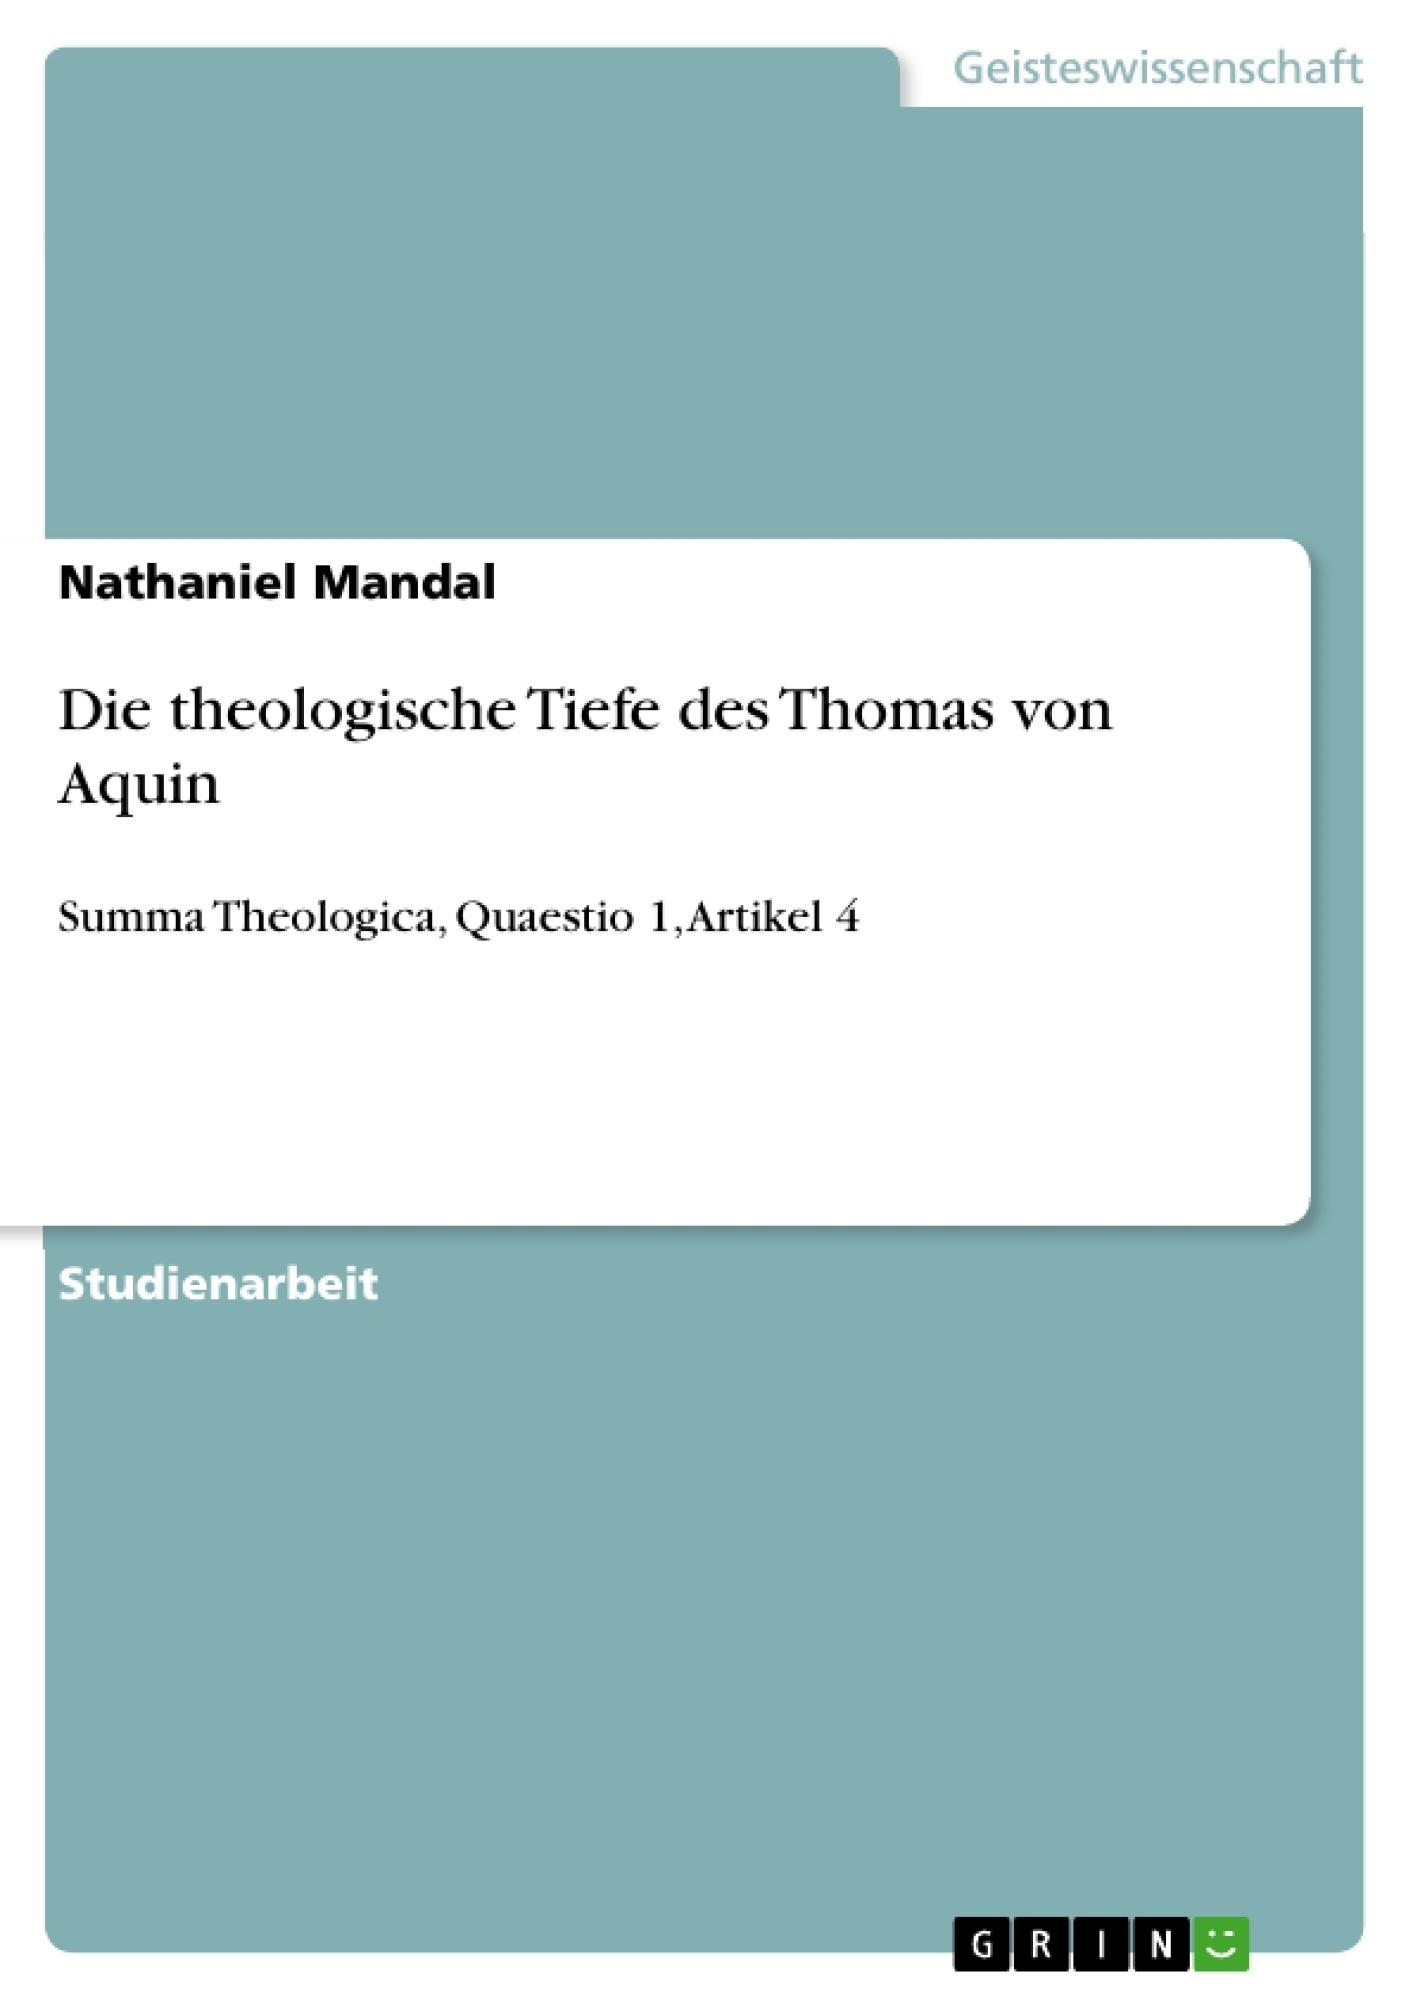 Titel: Die theologische Tiefe des Thomas von Aquin